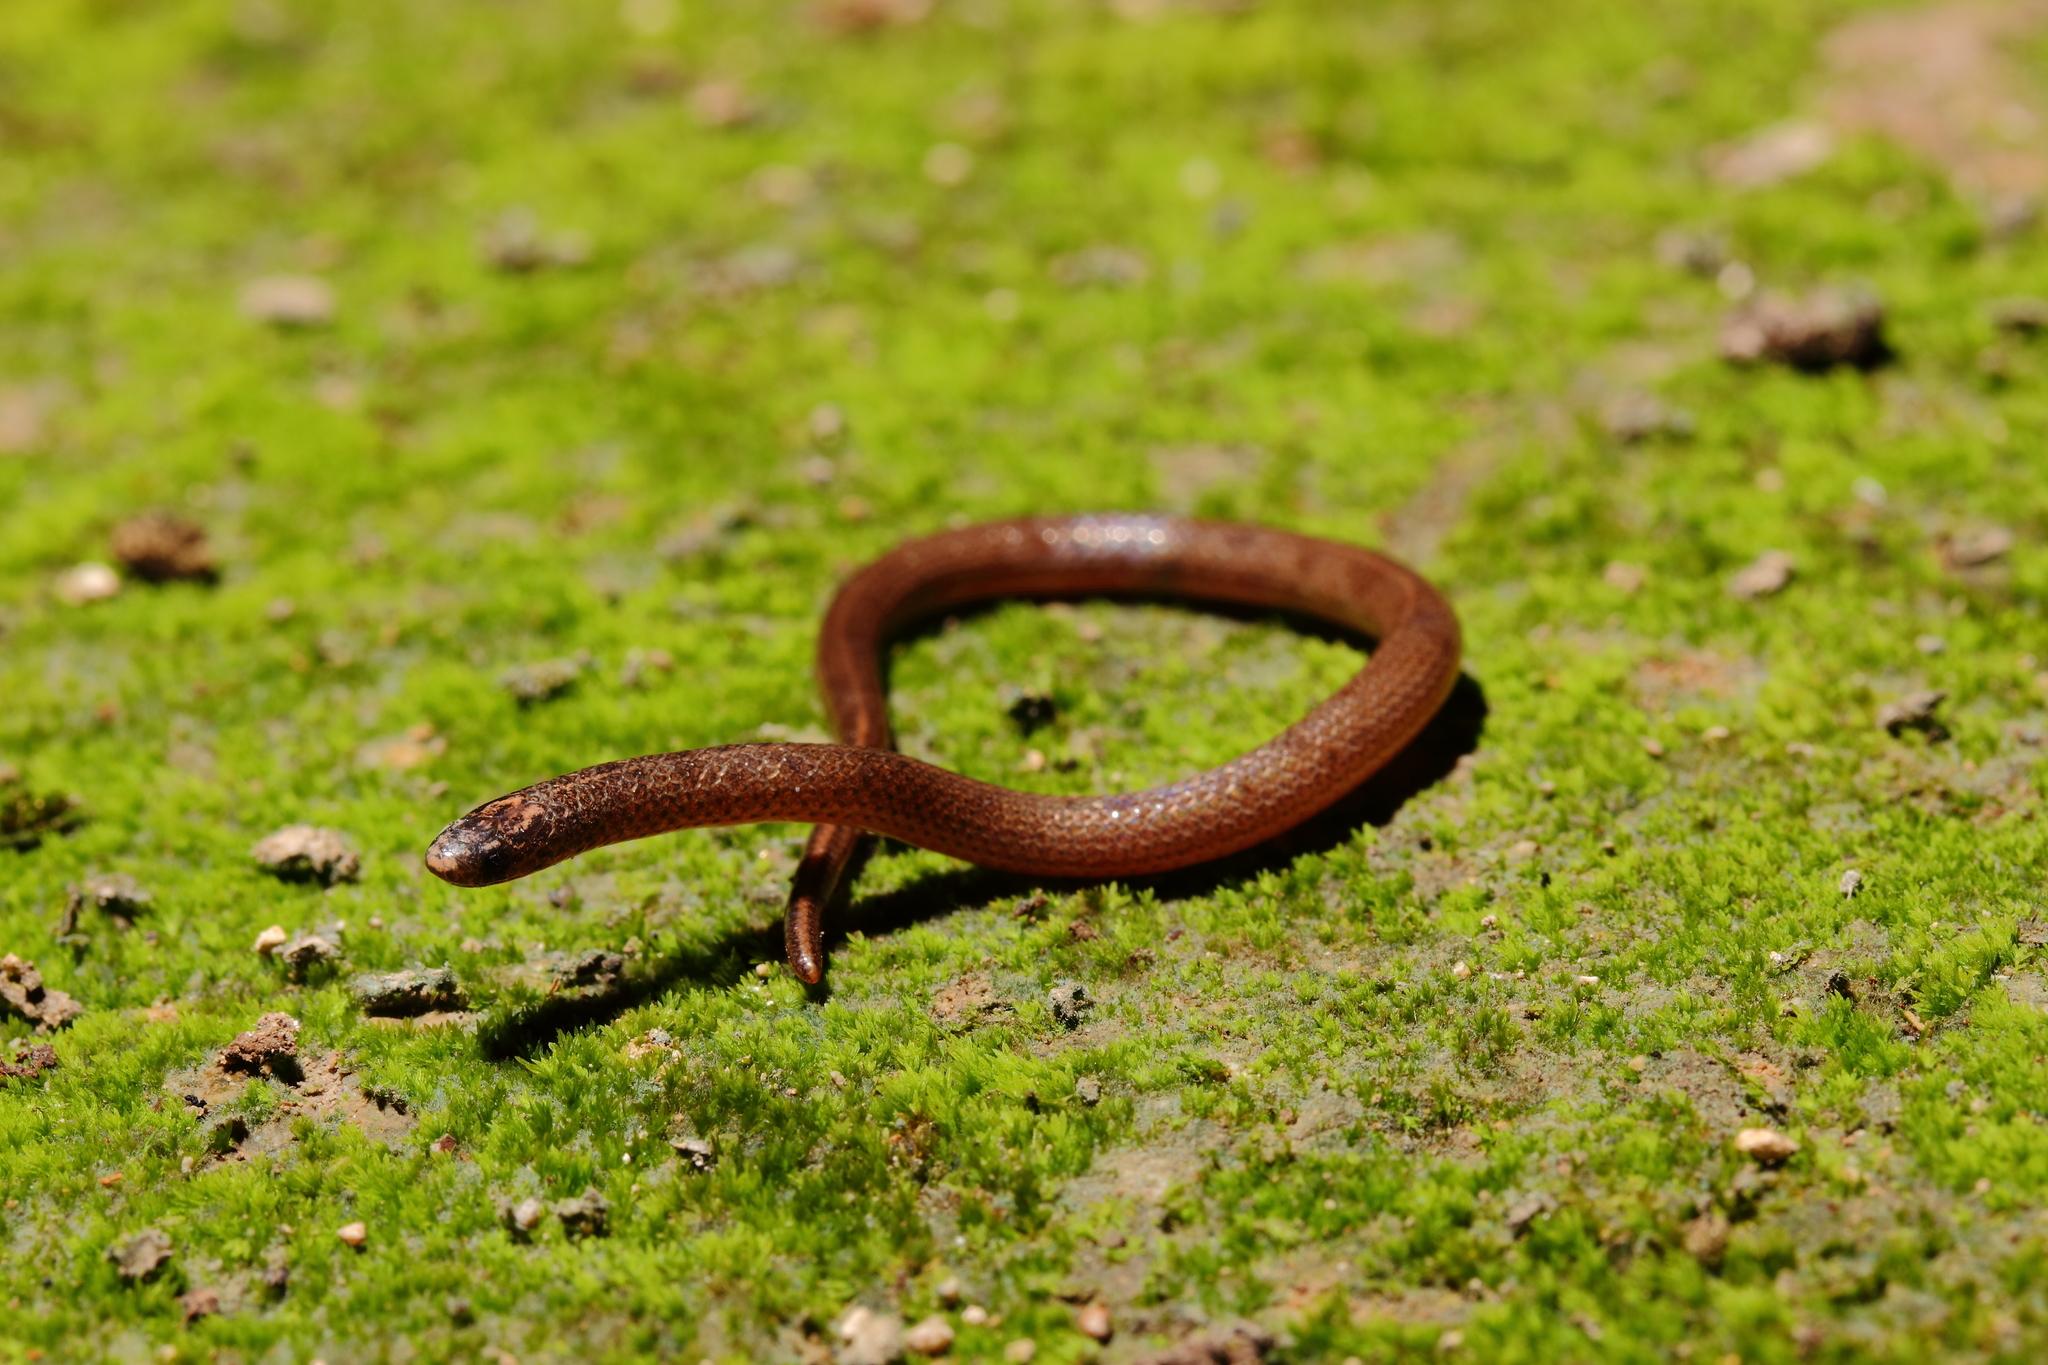 Image of Yucatecan Dwarf Short-tail Snake